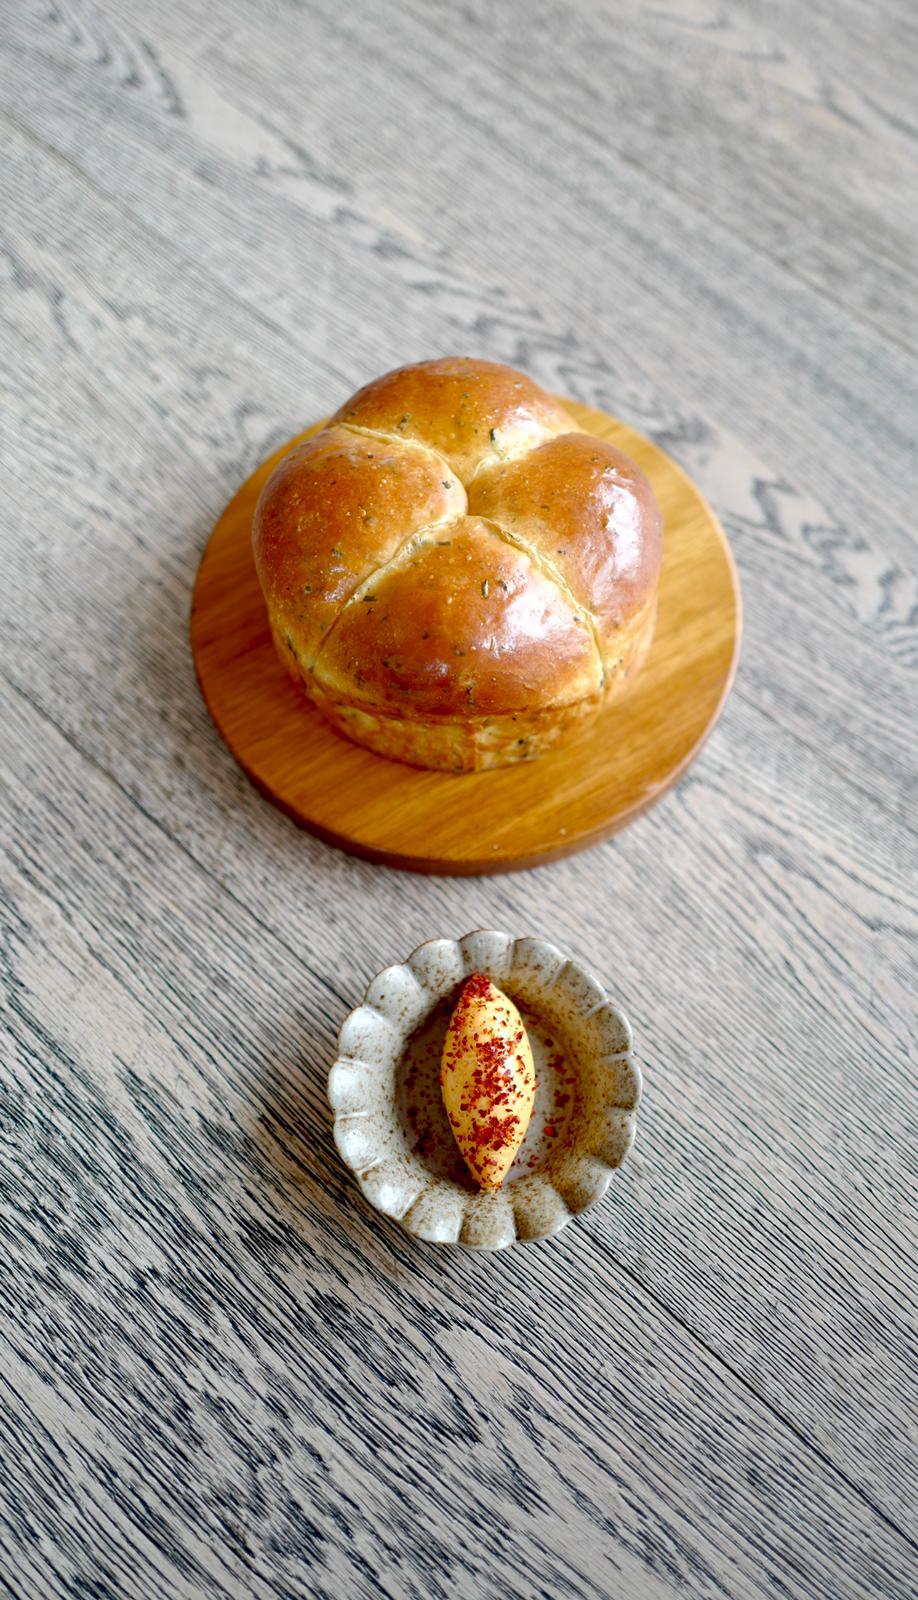 arbor-two-michelin-stars-bread-brioche.jpeg